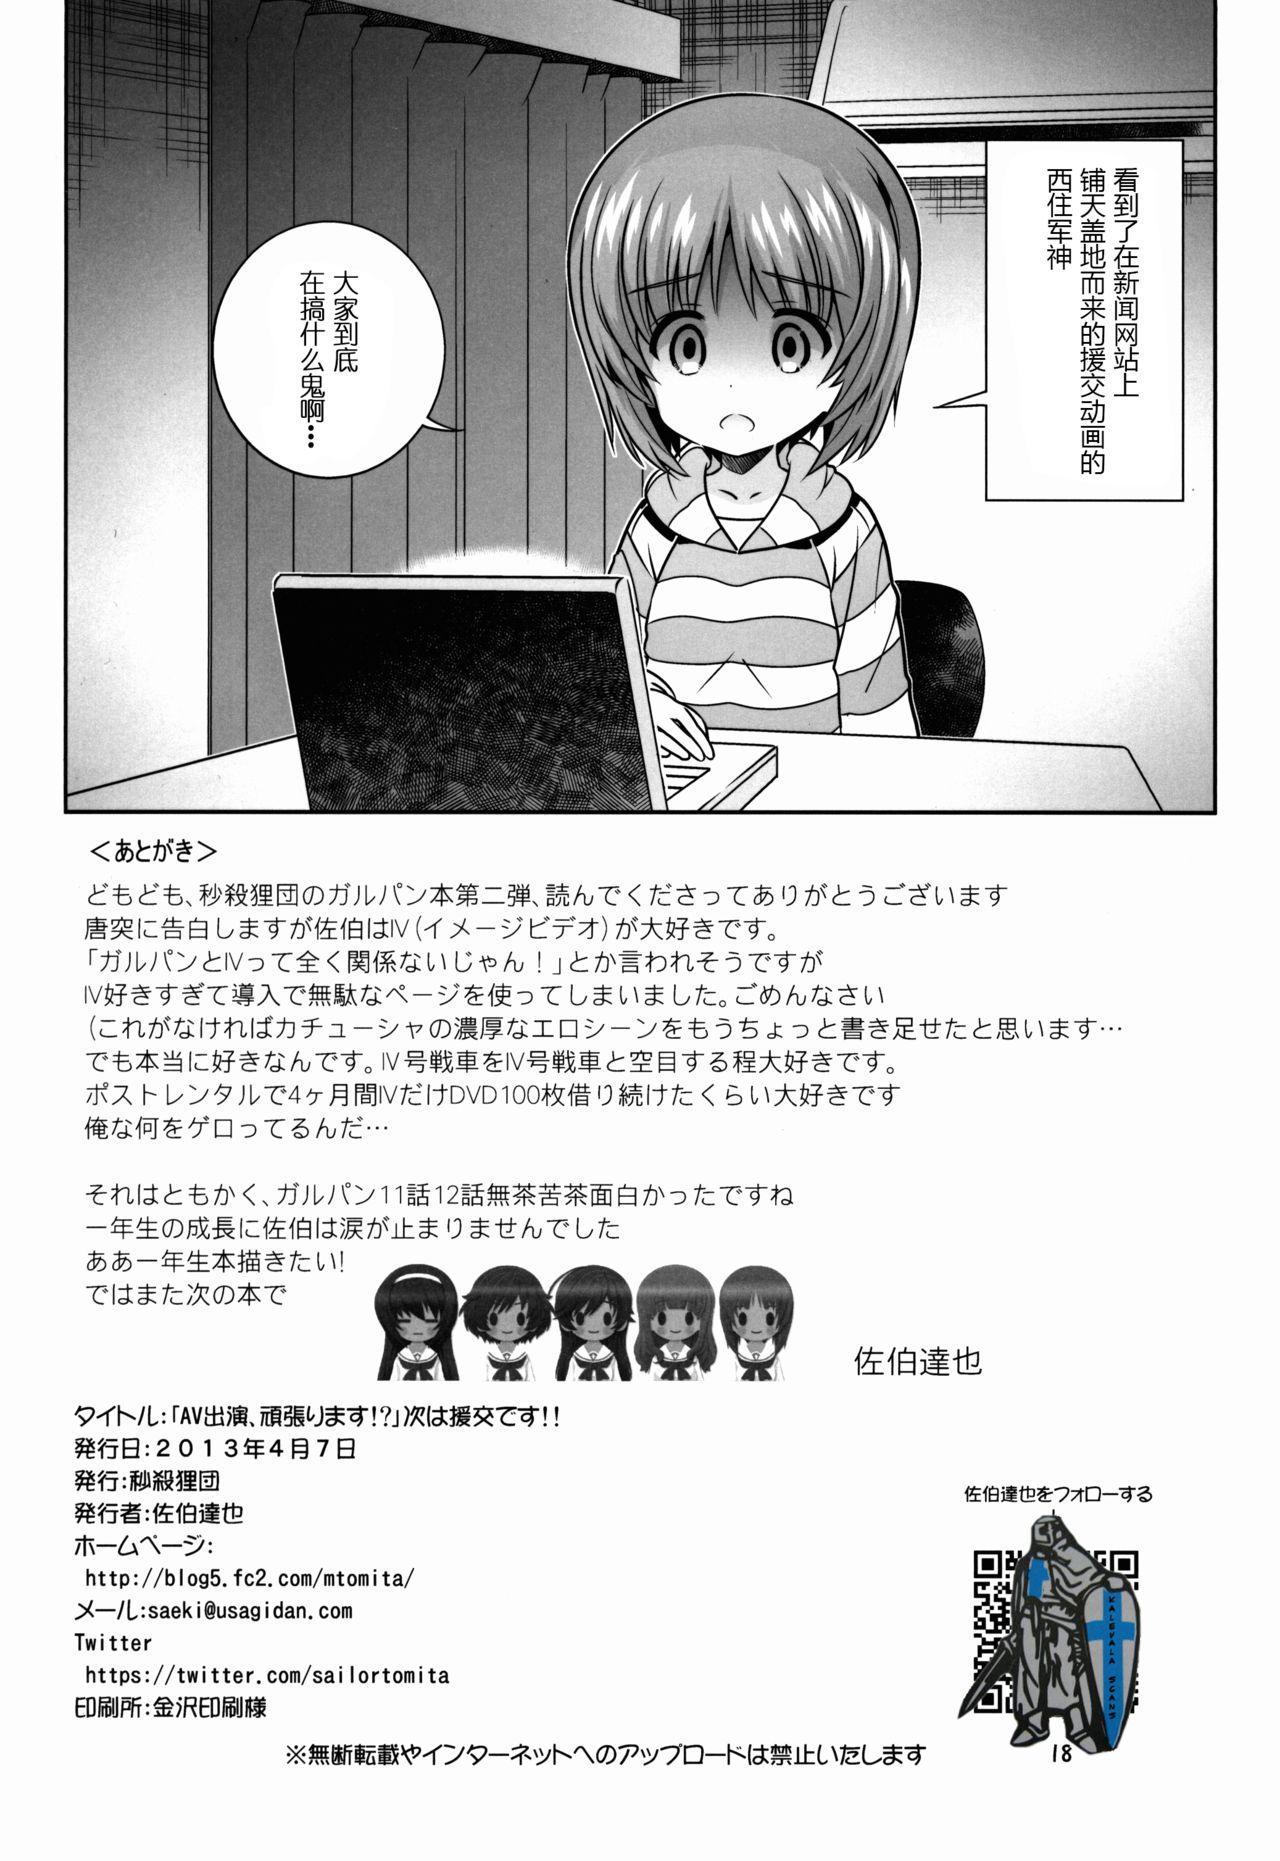 """""""AV Shutsuen, Ganbarimasu!?"""" Tsugi wa Enkou desu!! 17"""